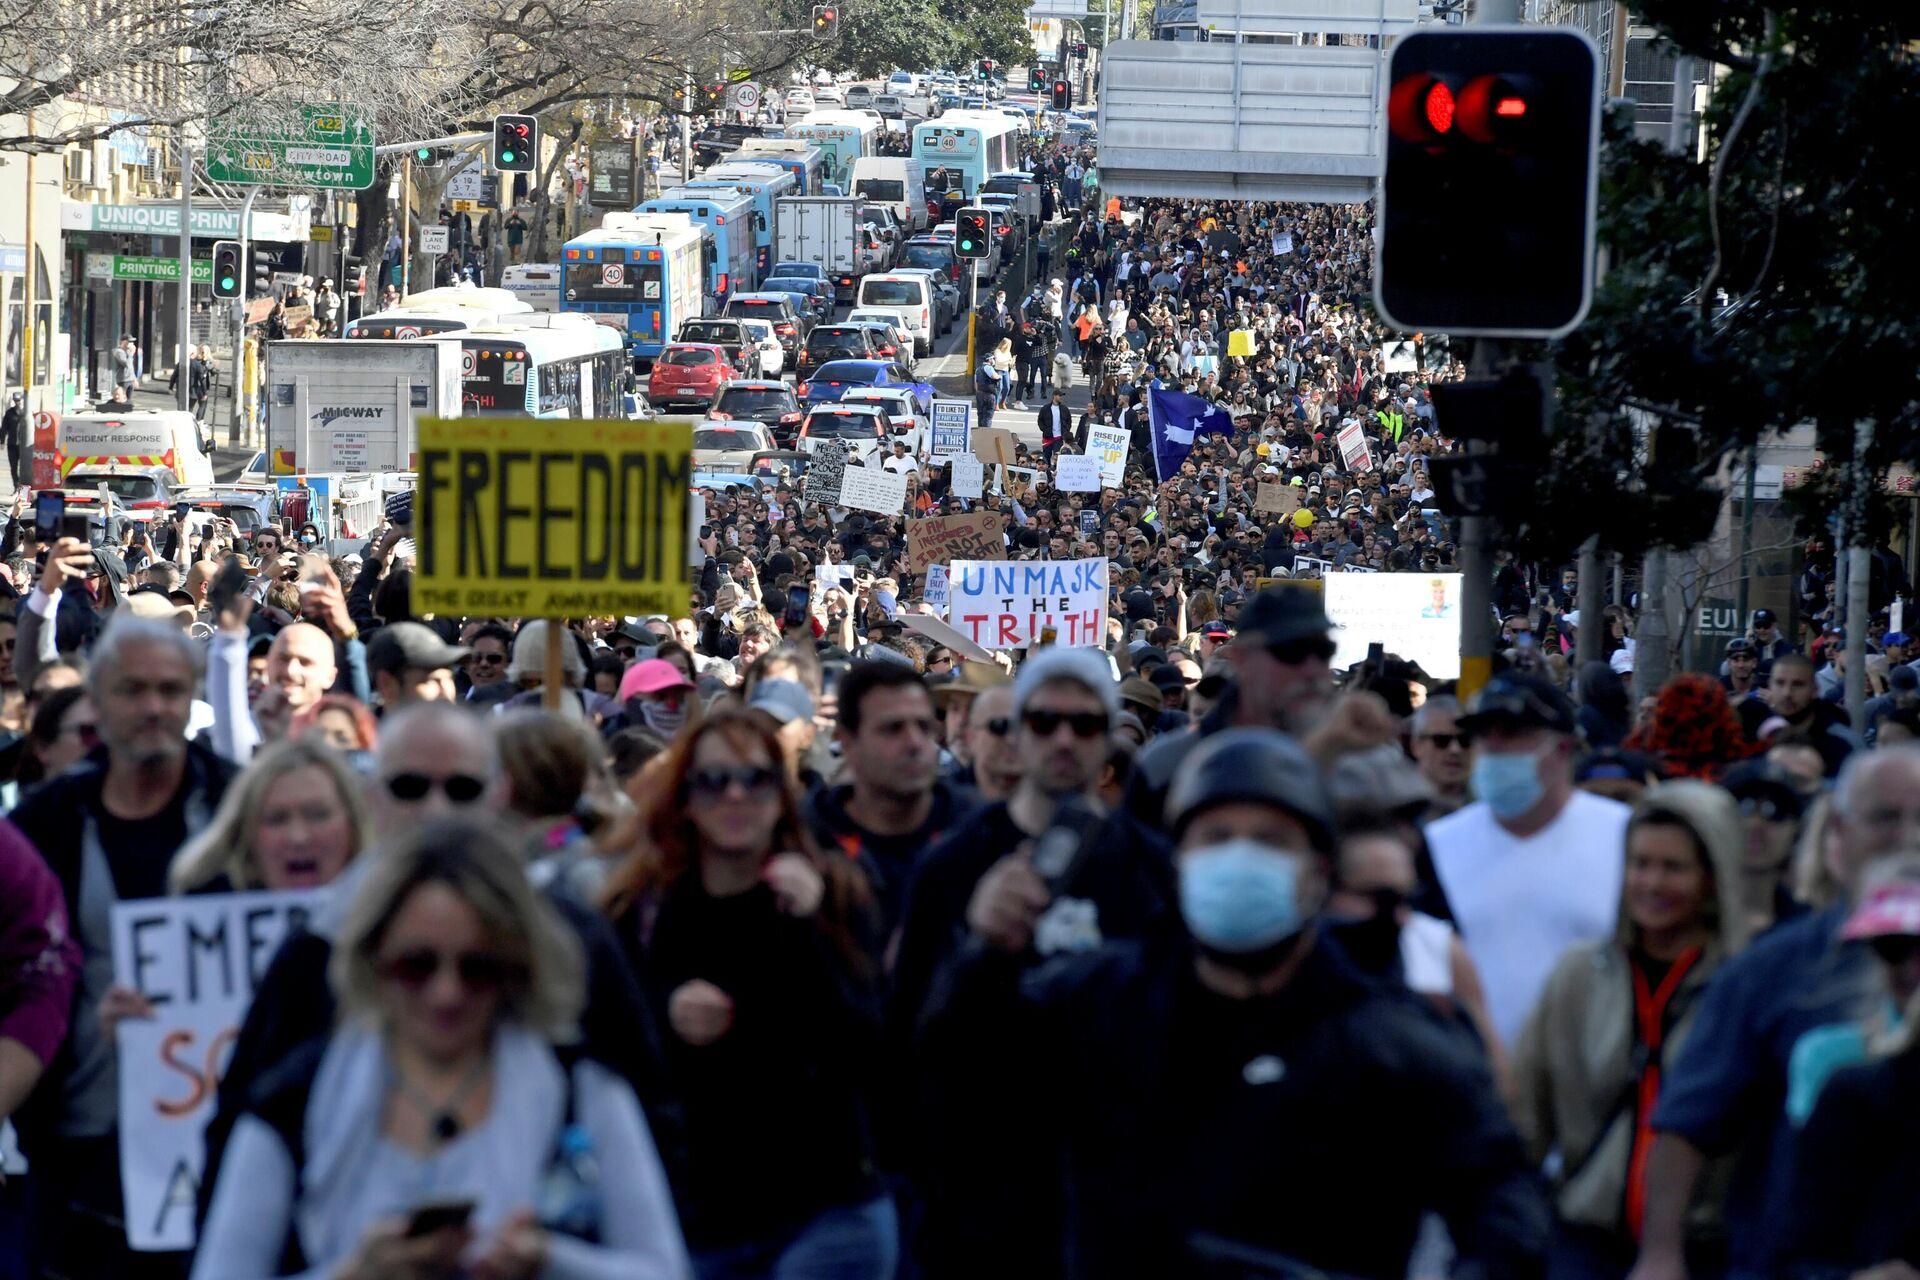 Protesti u Australiji protiv lokdauna - Sputnik Srbija, 1920, 08.10.2021